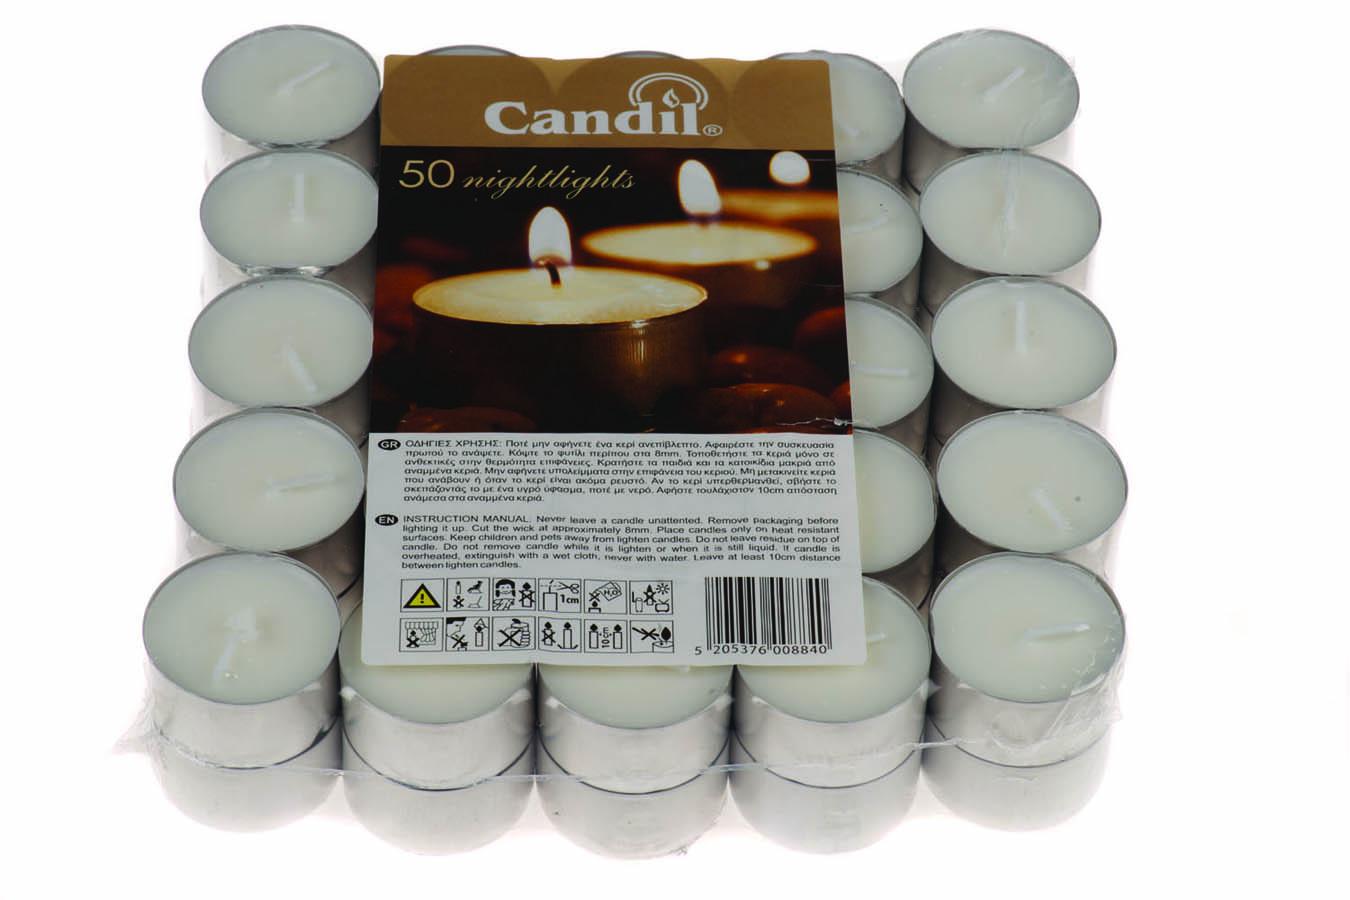 Κεράκια ρεσώ CANDIL – Nightlights